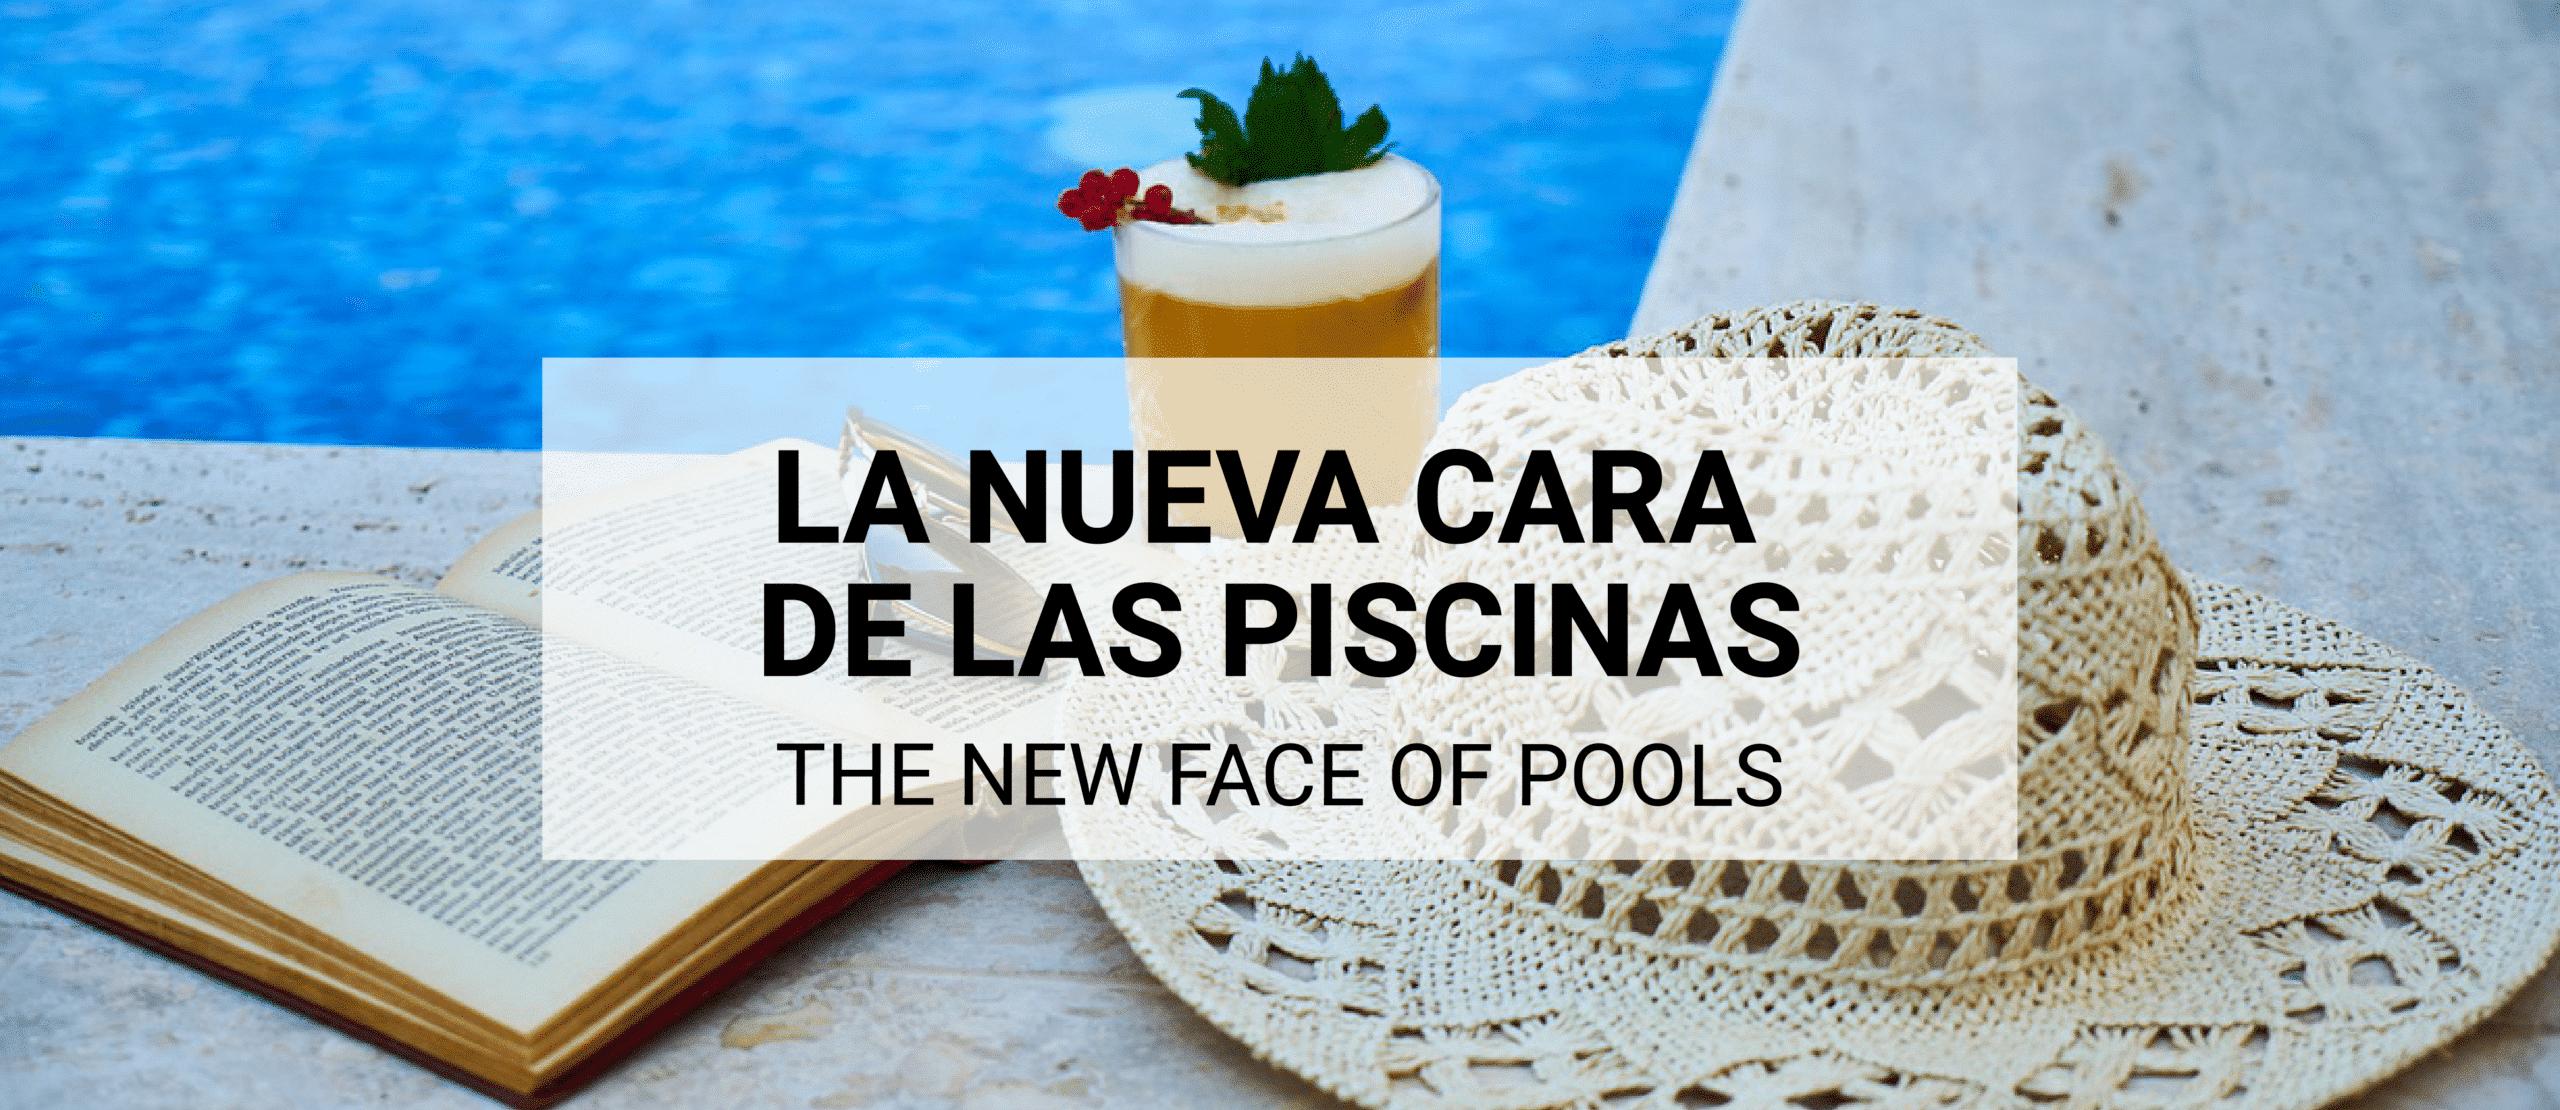 La nueva cara de las piscinas